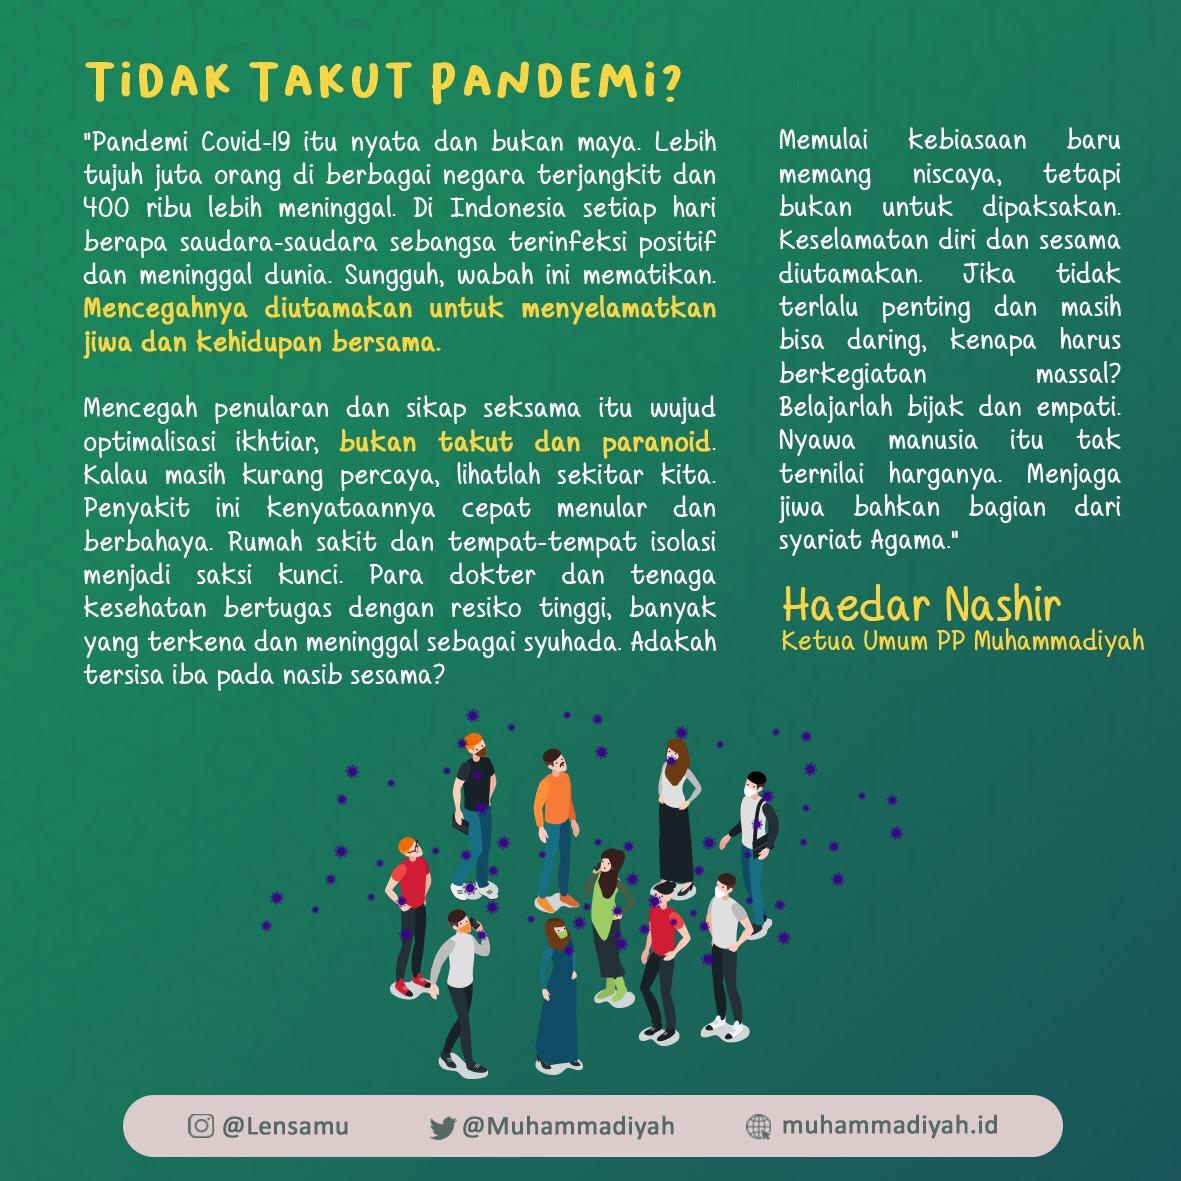 """Kutipan """"Tidak Takut Pandemi?"""" oleh Haedar Nashir (Ketua Umum PP Muhammadiyah)"""